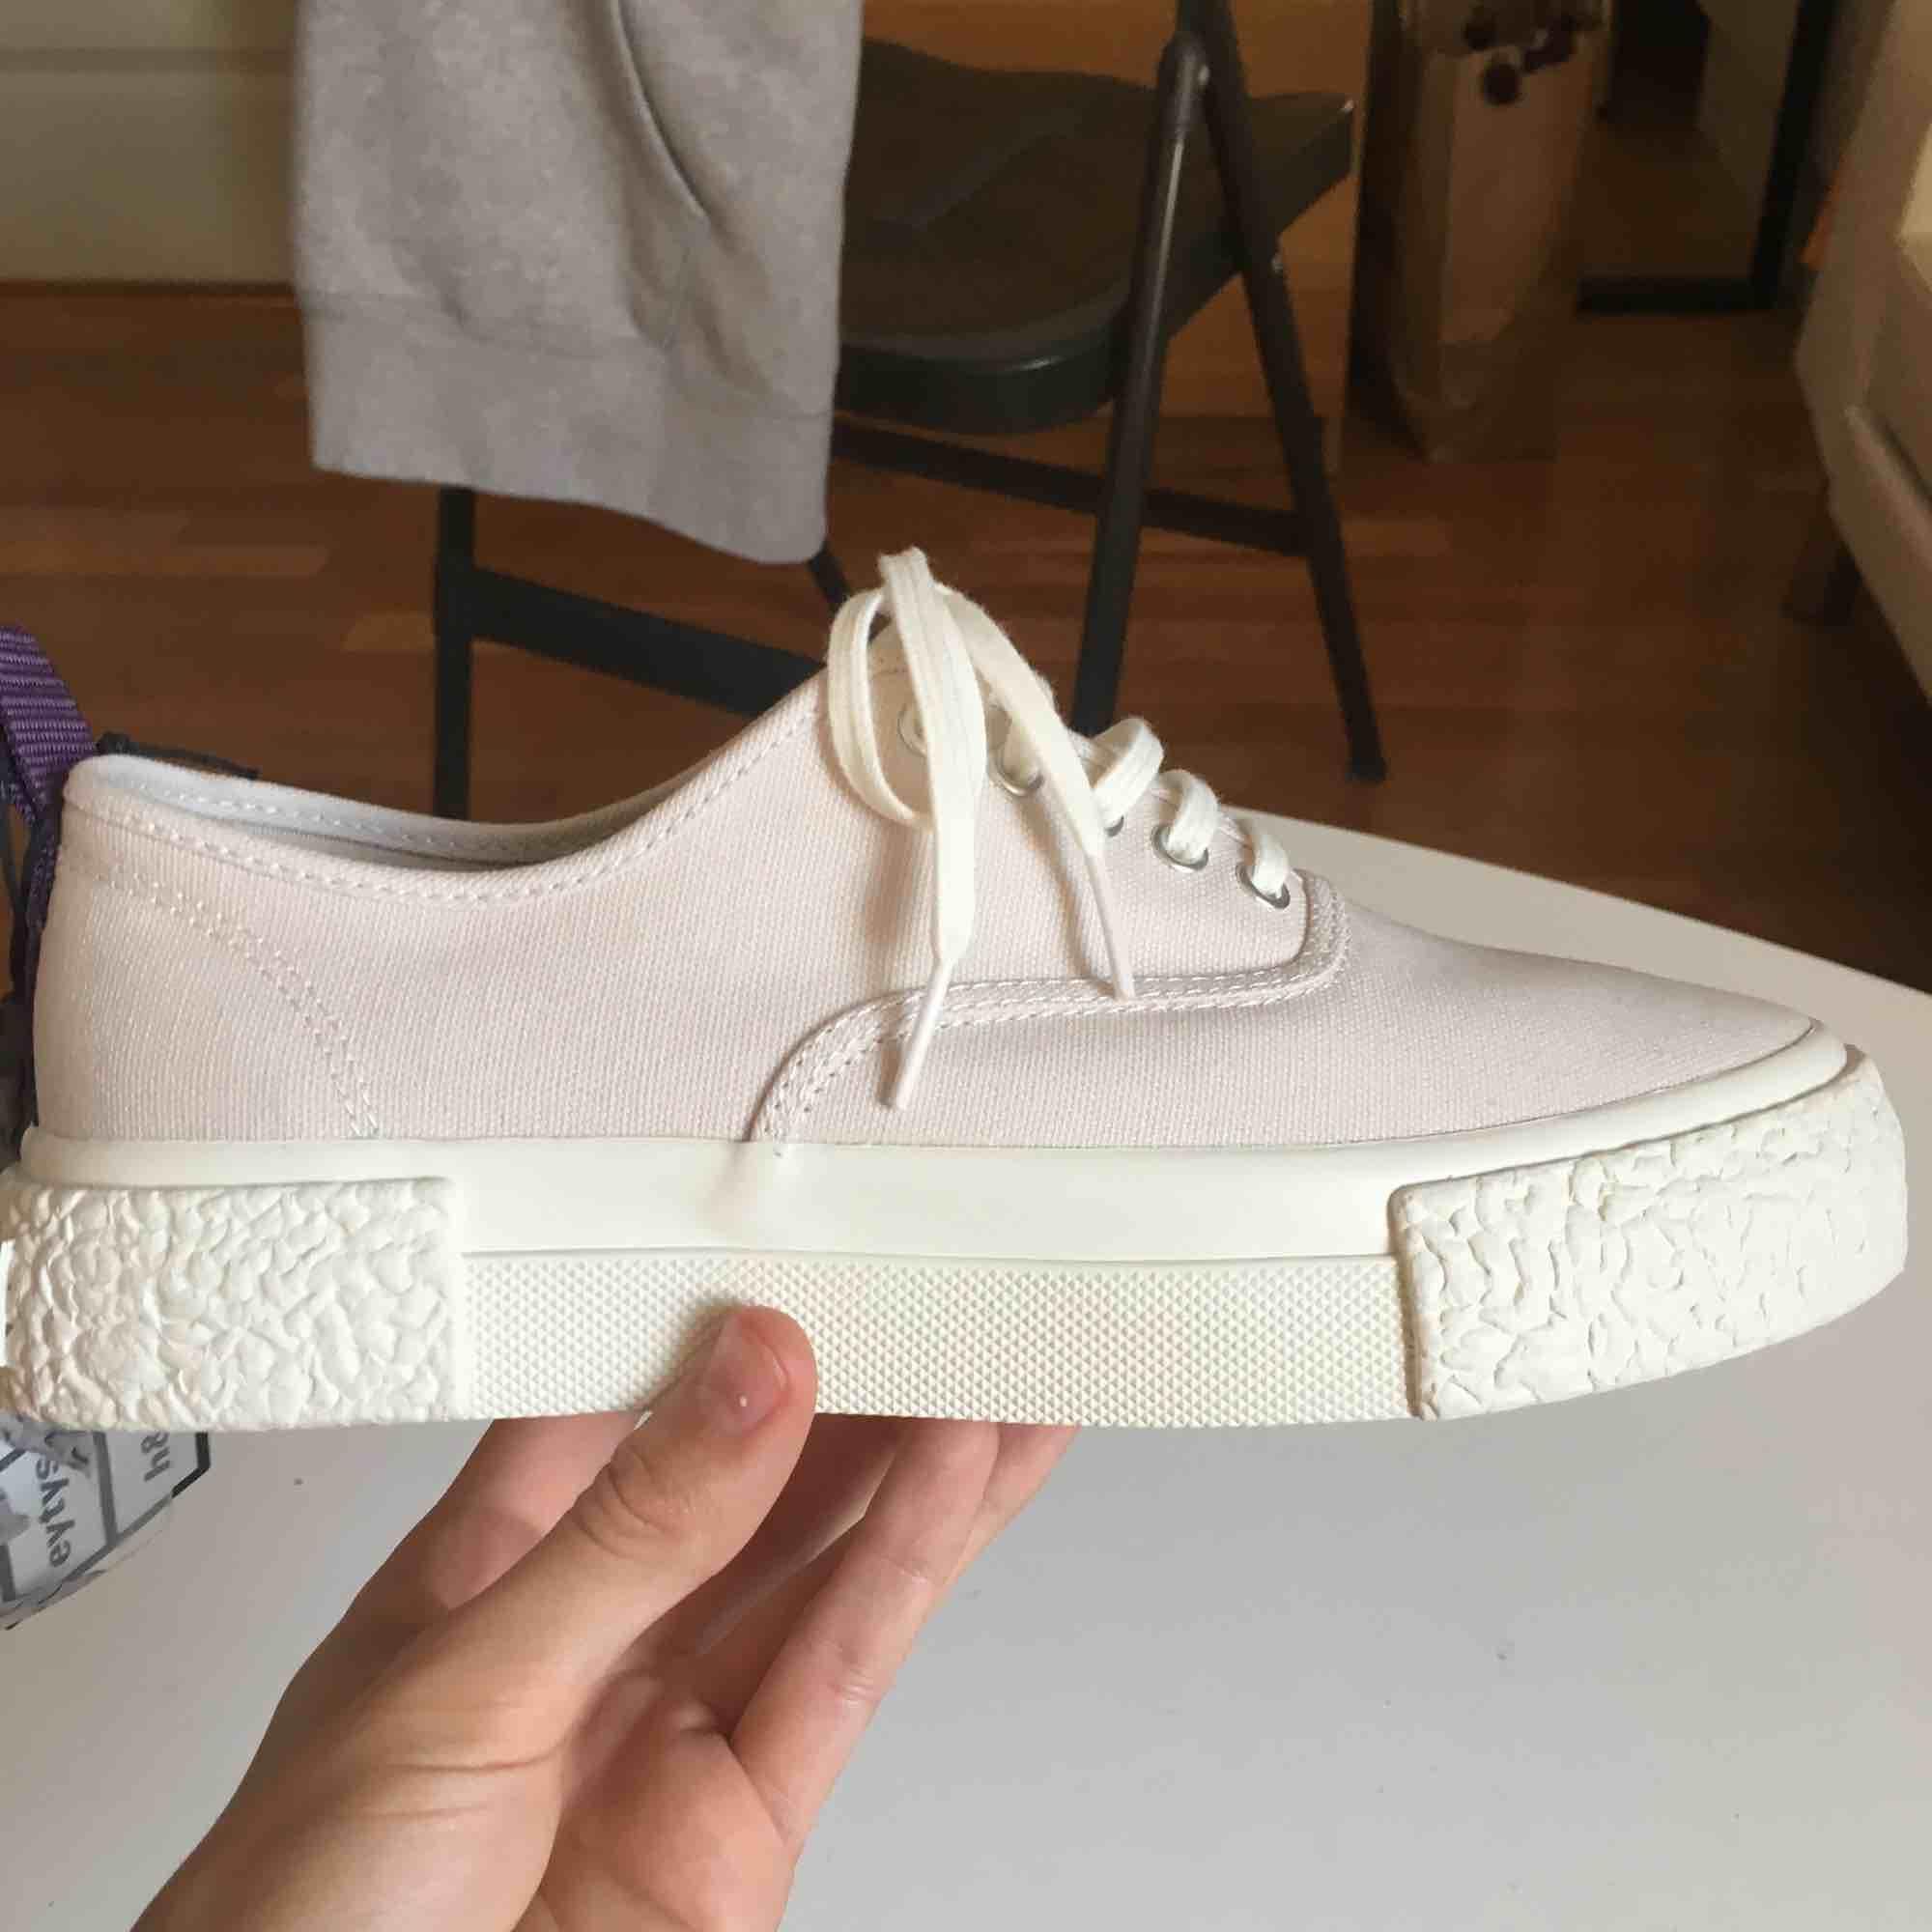 Hm's collab med Eytys skor som säljes pågrund av köp av fel storlek. Skorna har aldrig använts utöver när de provades! Färgen är Rosa beige och skorna är i storlek 39 :). Skor.